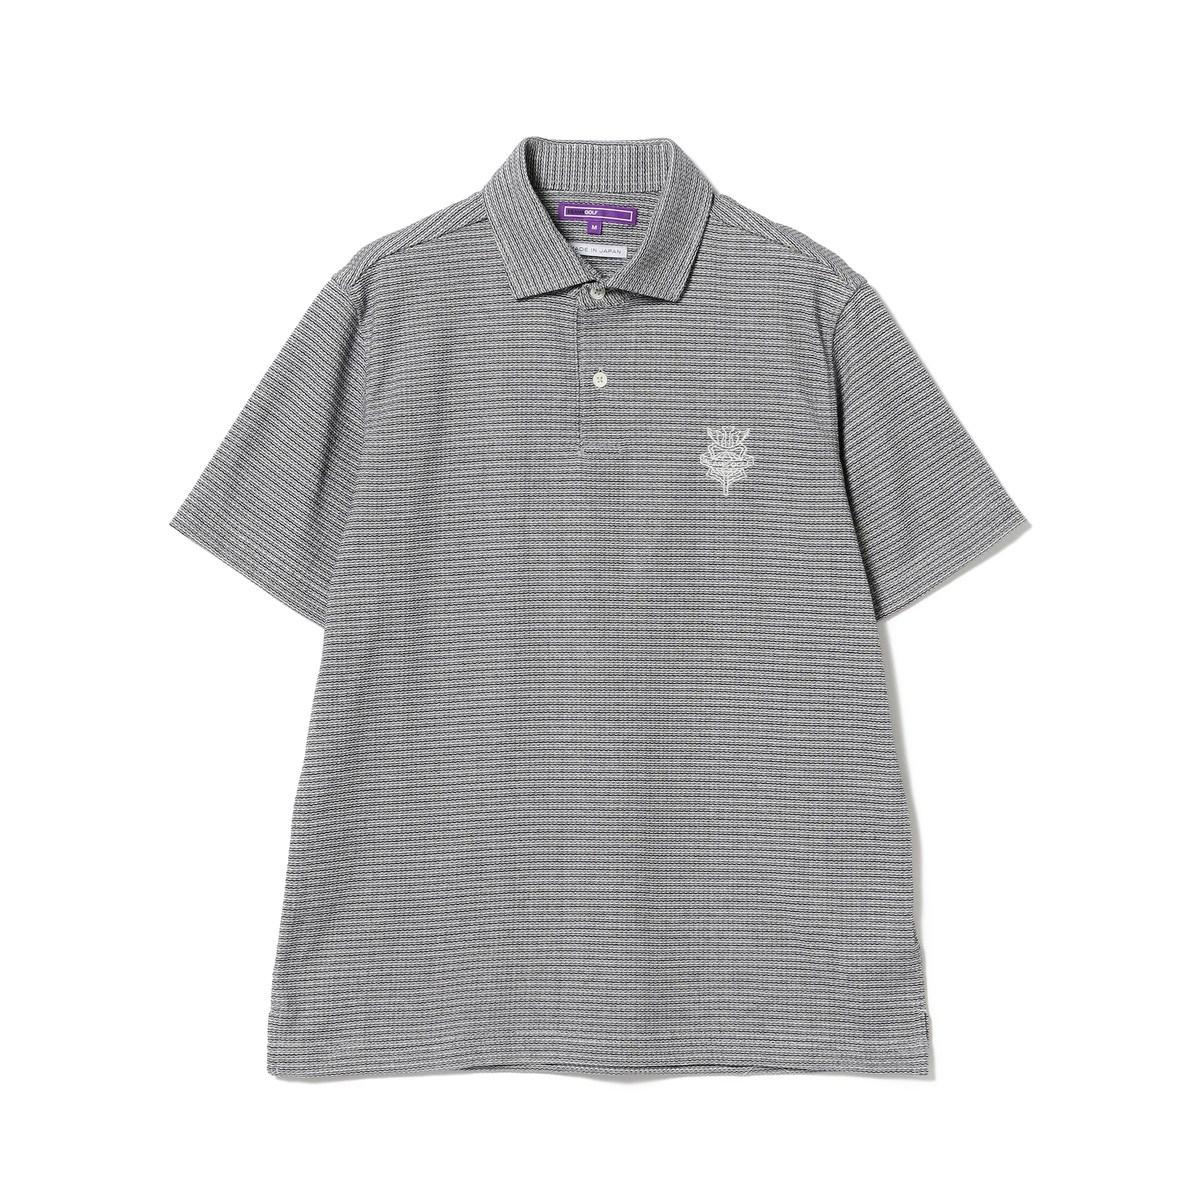 ビームスゴルフ BEAMS GOLF PURPLE LABEL クールマックス リンクス ポロシャツ